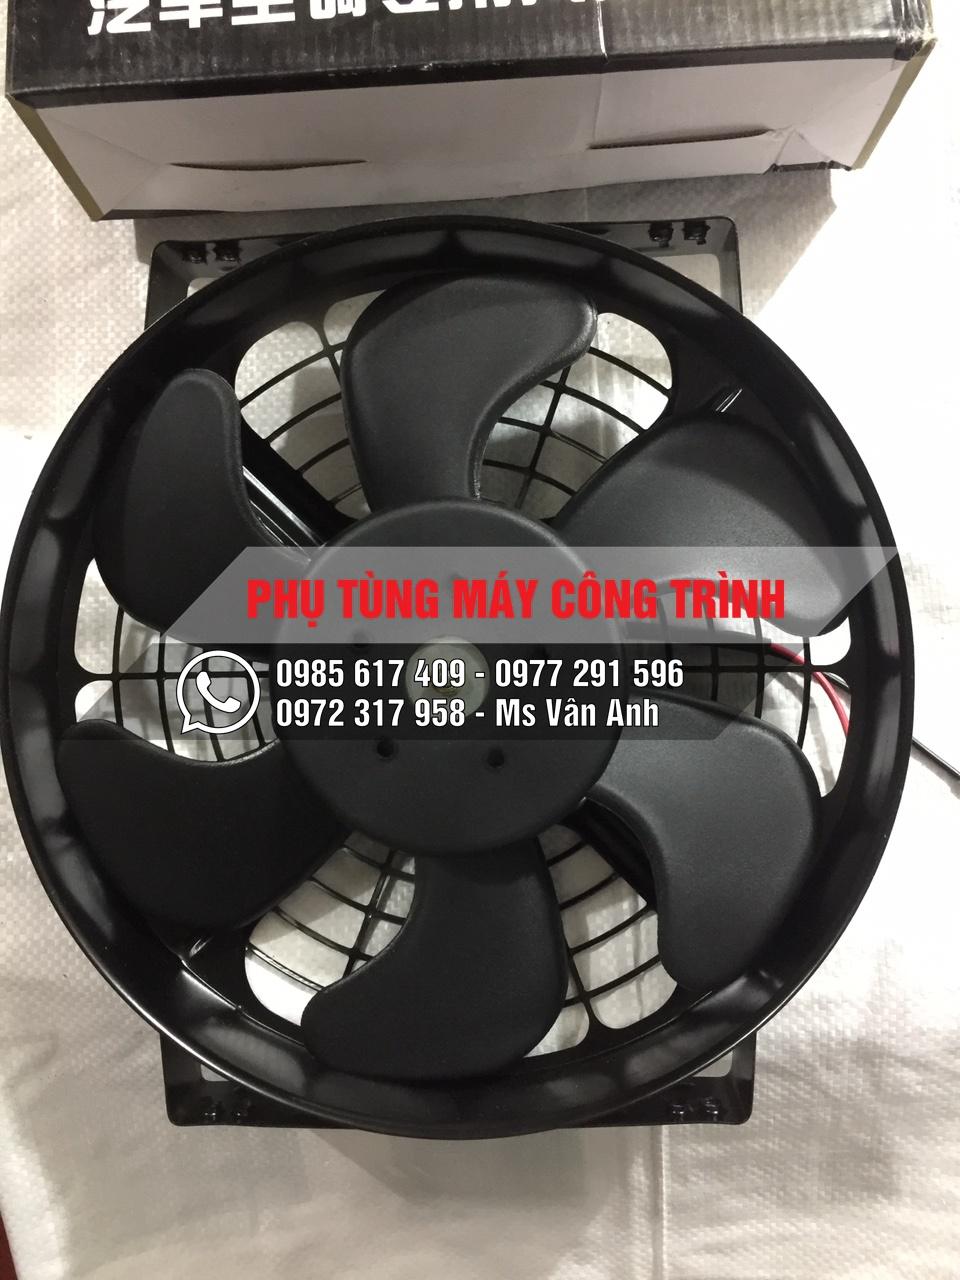 Cánh quạt dàn nóng ZL50C giá rẻ nhất Hà Nội